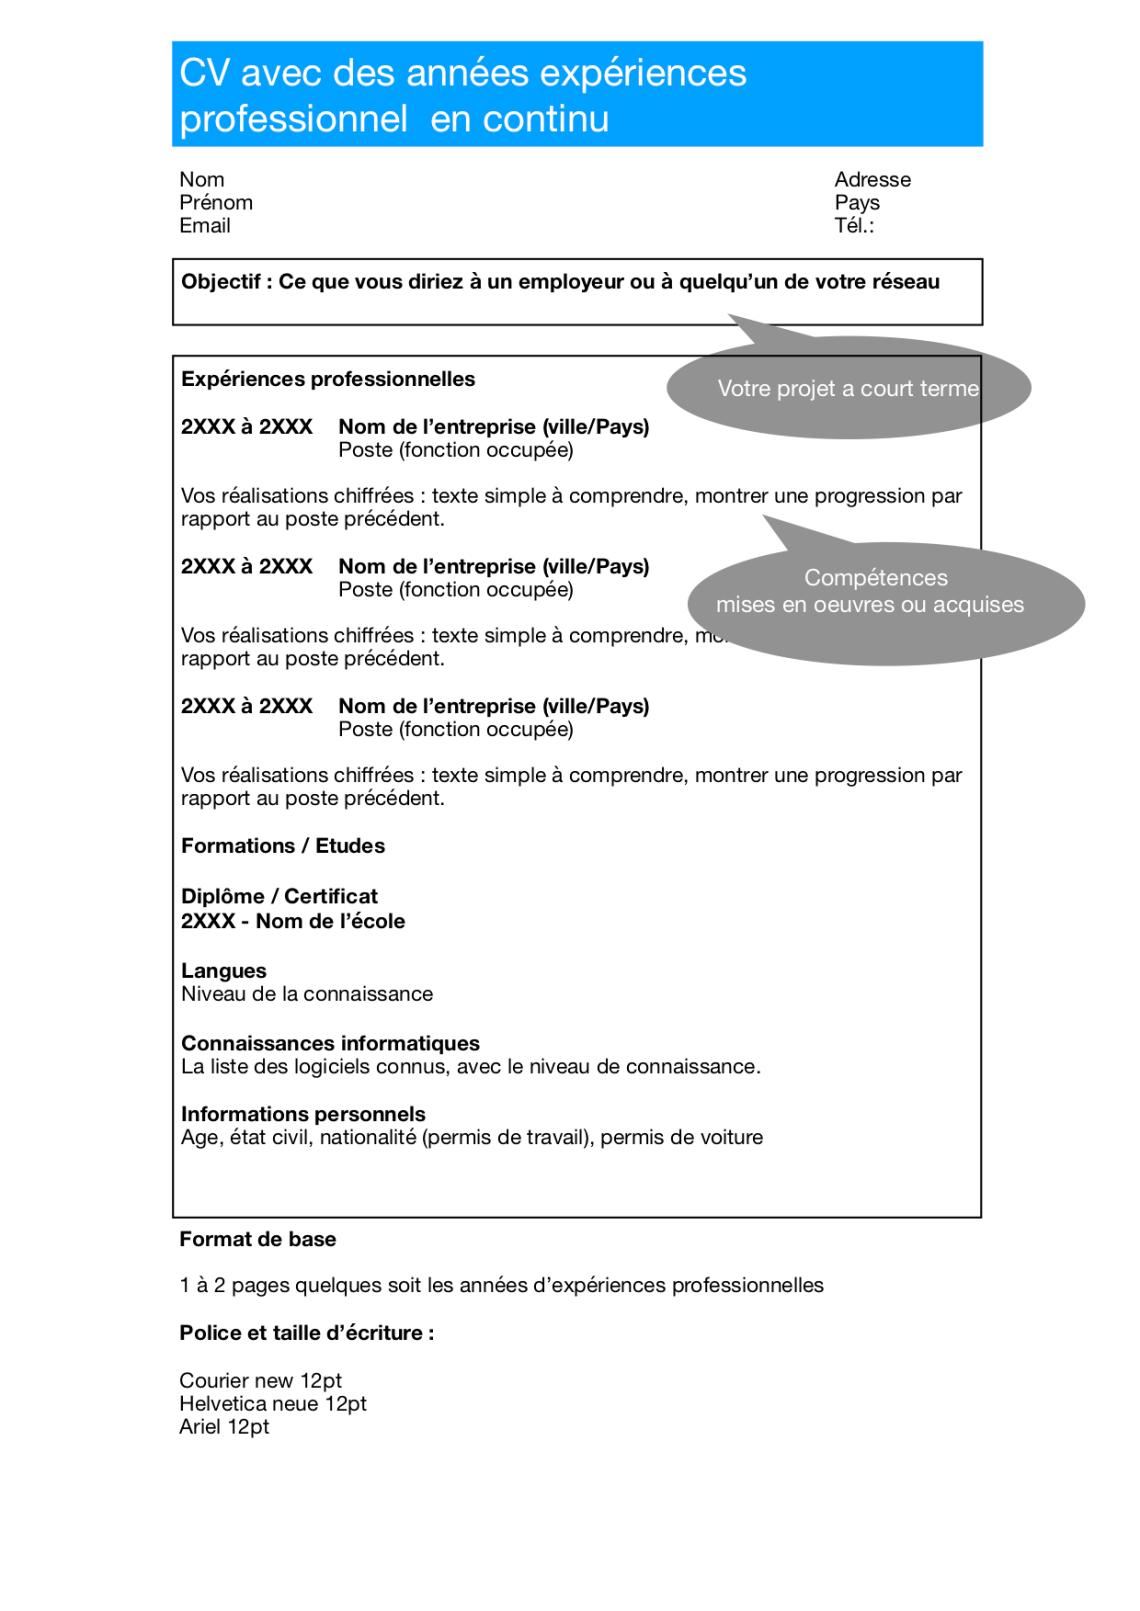 CV Simple avec expériences.png